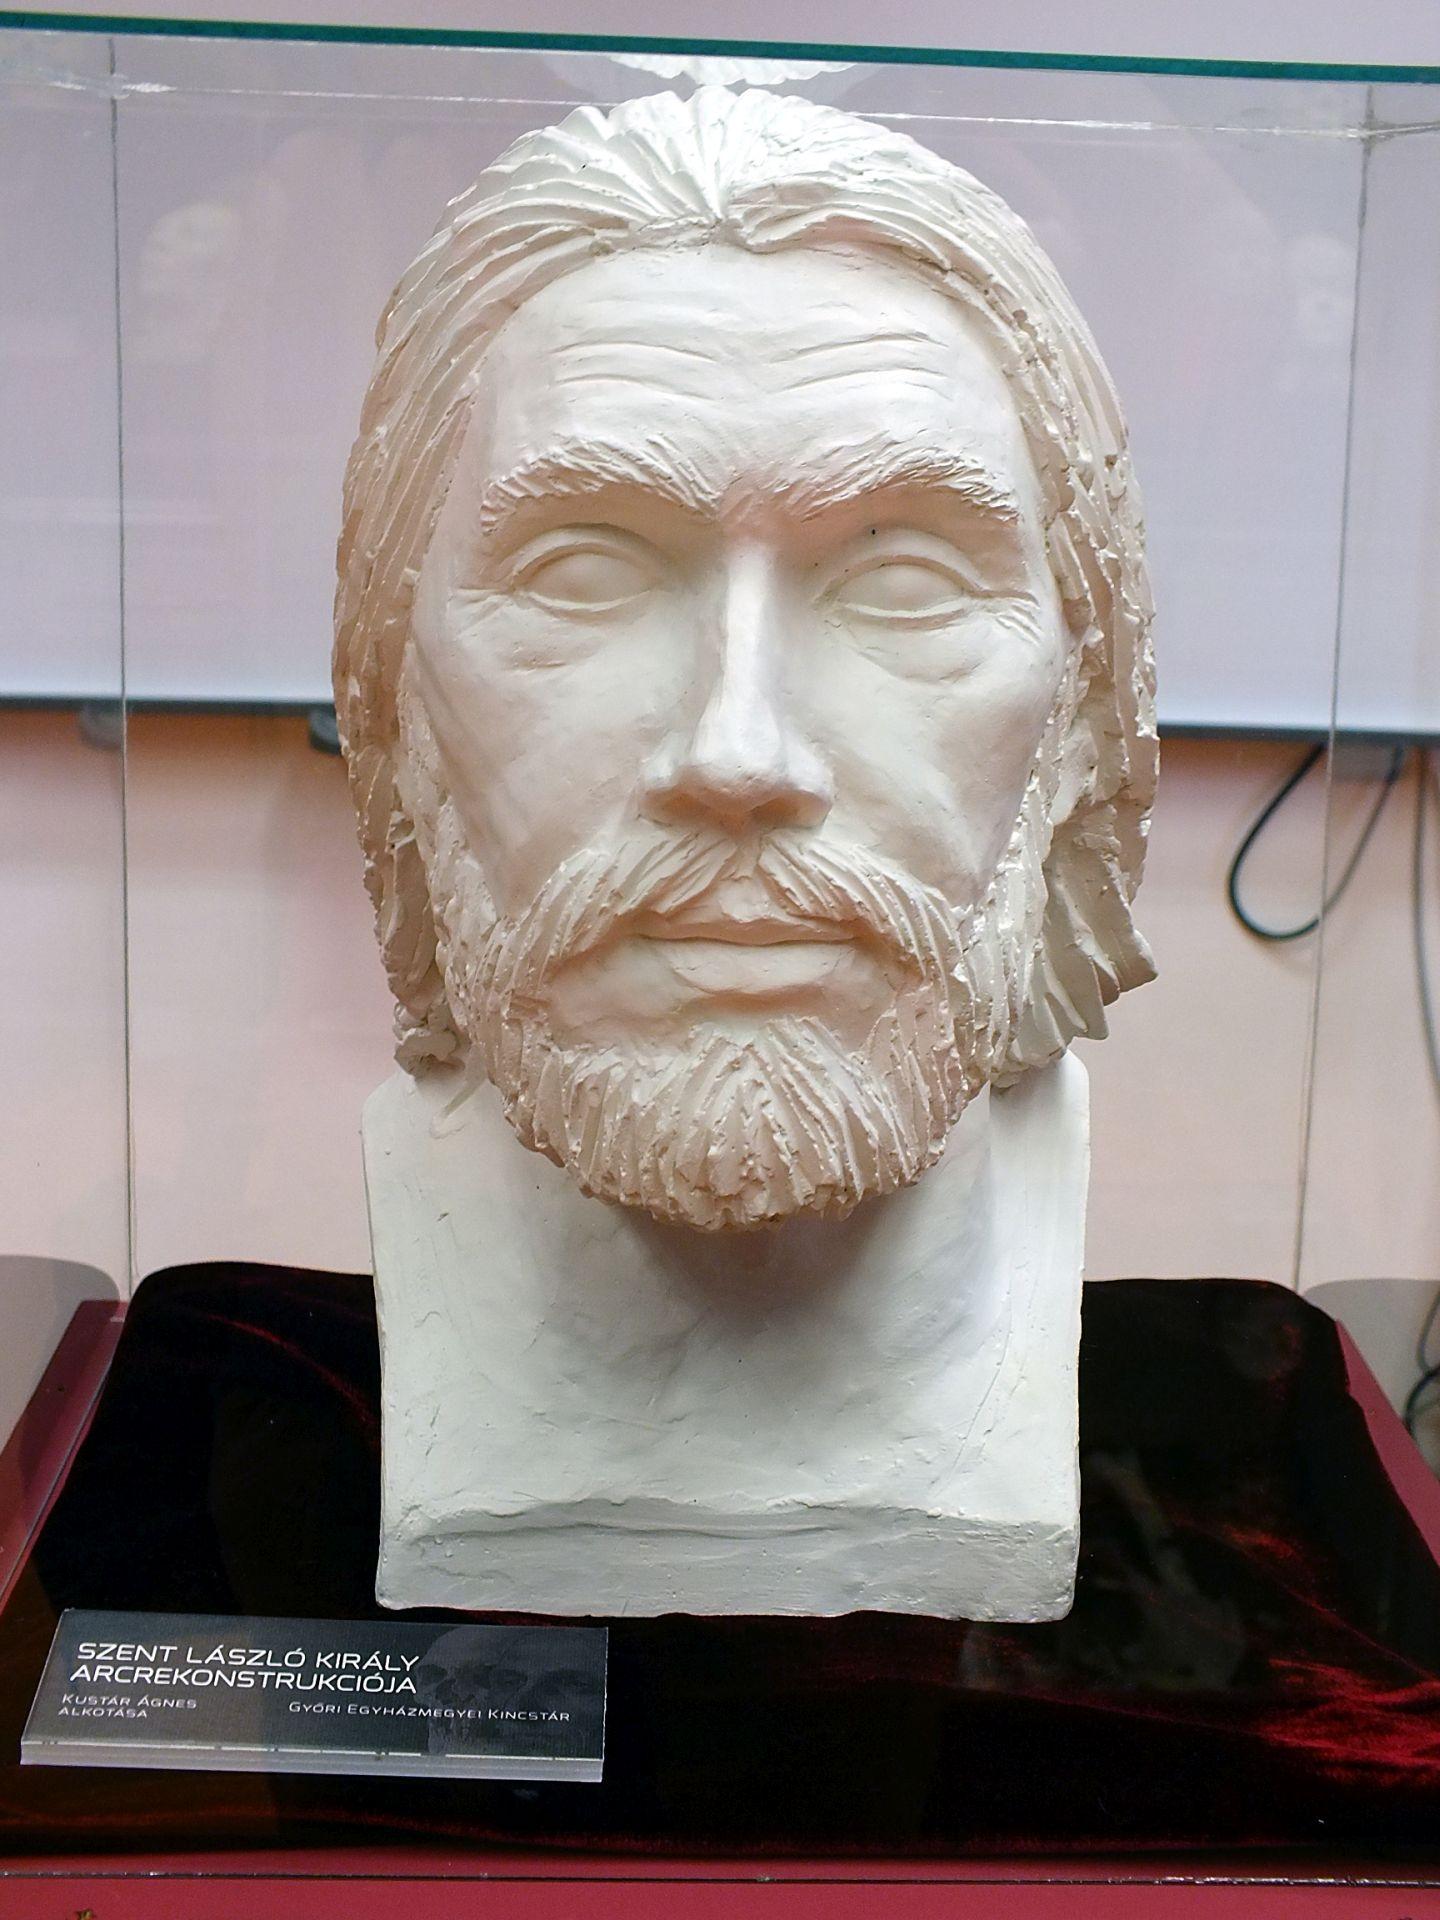 Szent László király arcrekonstrukciója a hermában lévő koponya alapján (Forrás: gocsejimuzeum.hu)